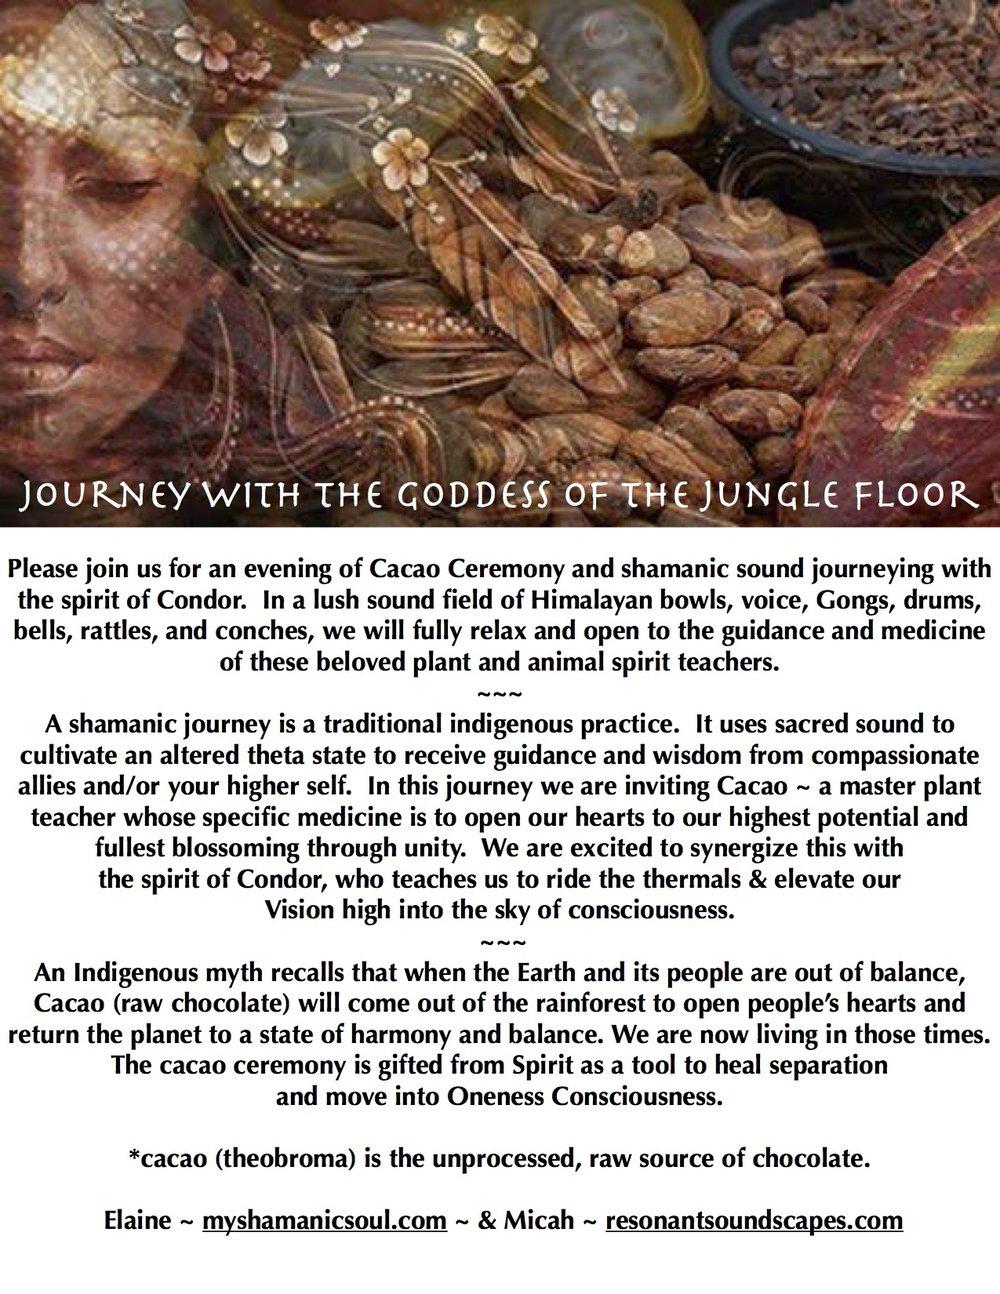 condor cacao ceremony text copy.jpg